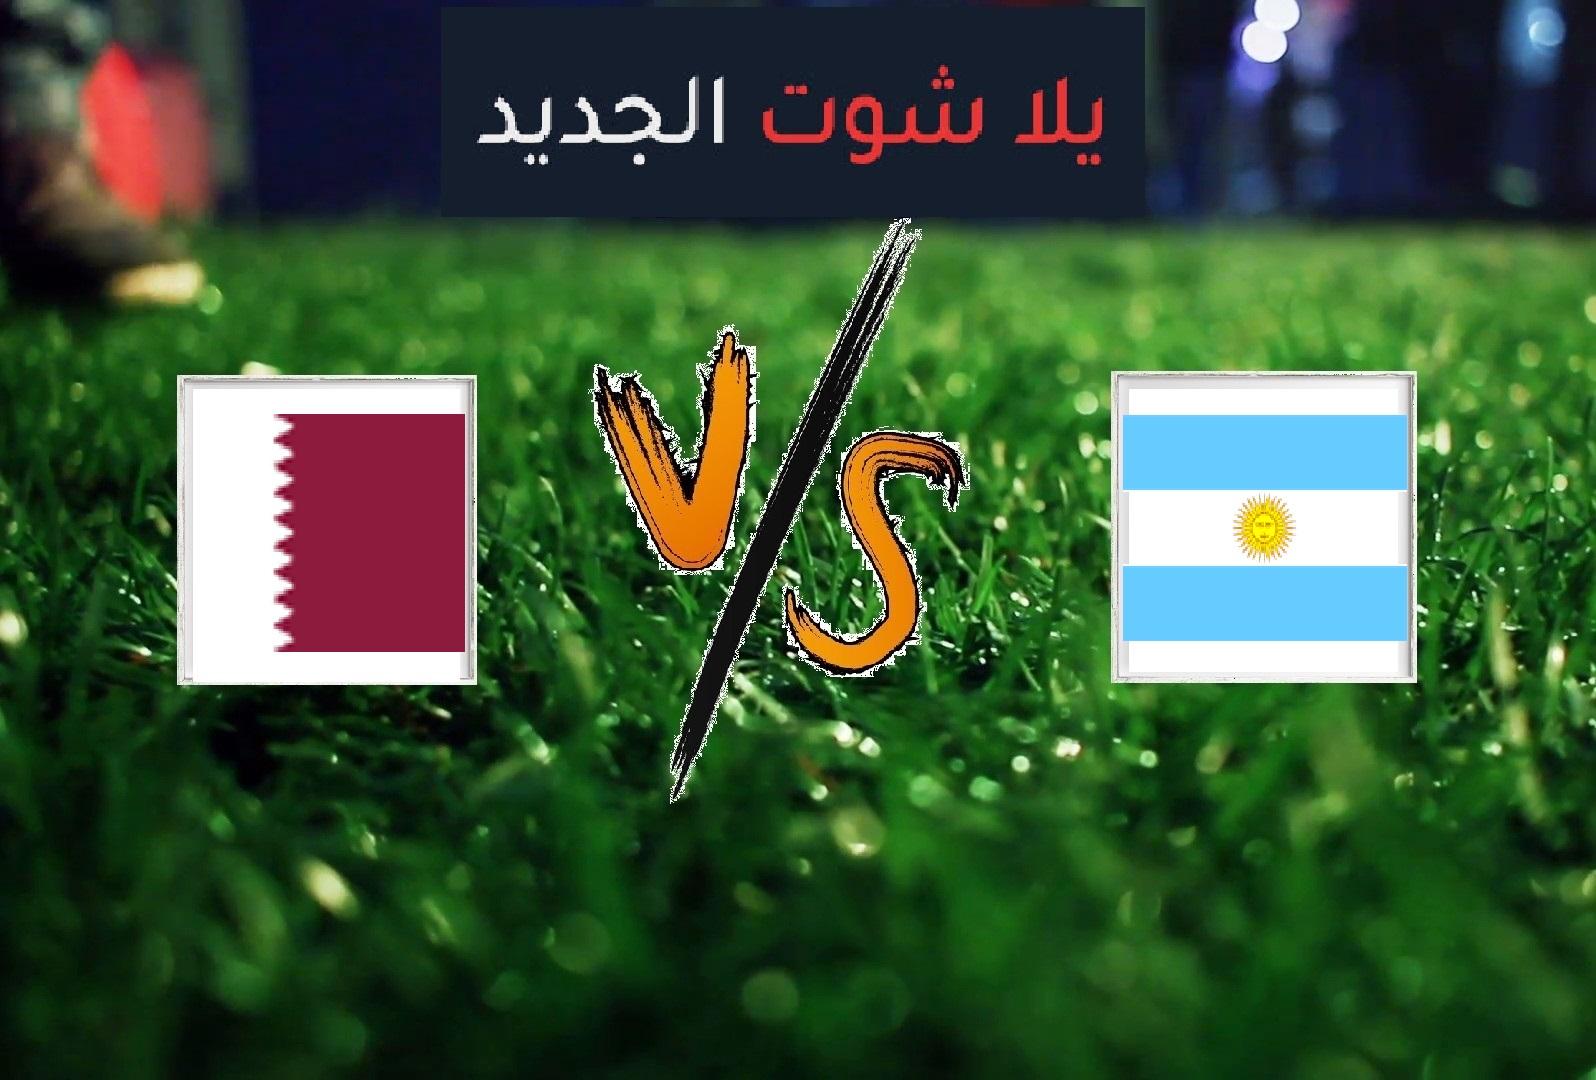 الأرجنتين تفوز على قطر بهدفين دون رد اليوم الاحد بتاريخ 23-06-2019 في كوبا أمريكا 2019